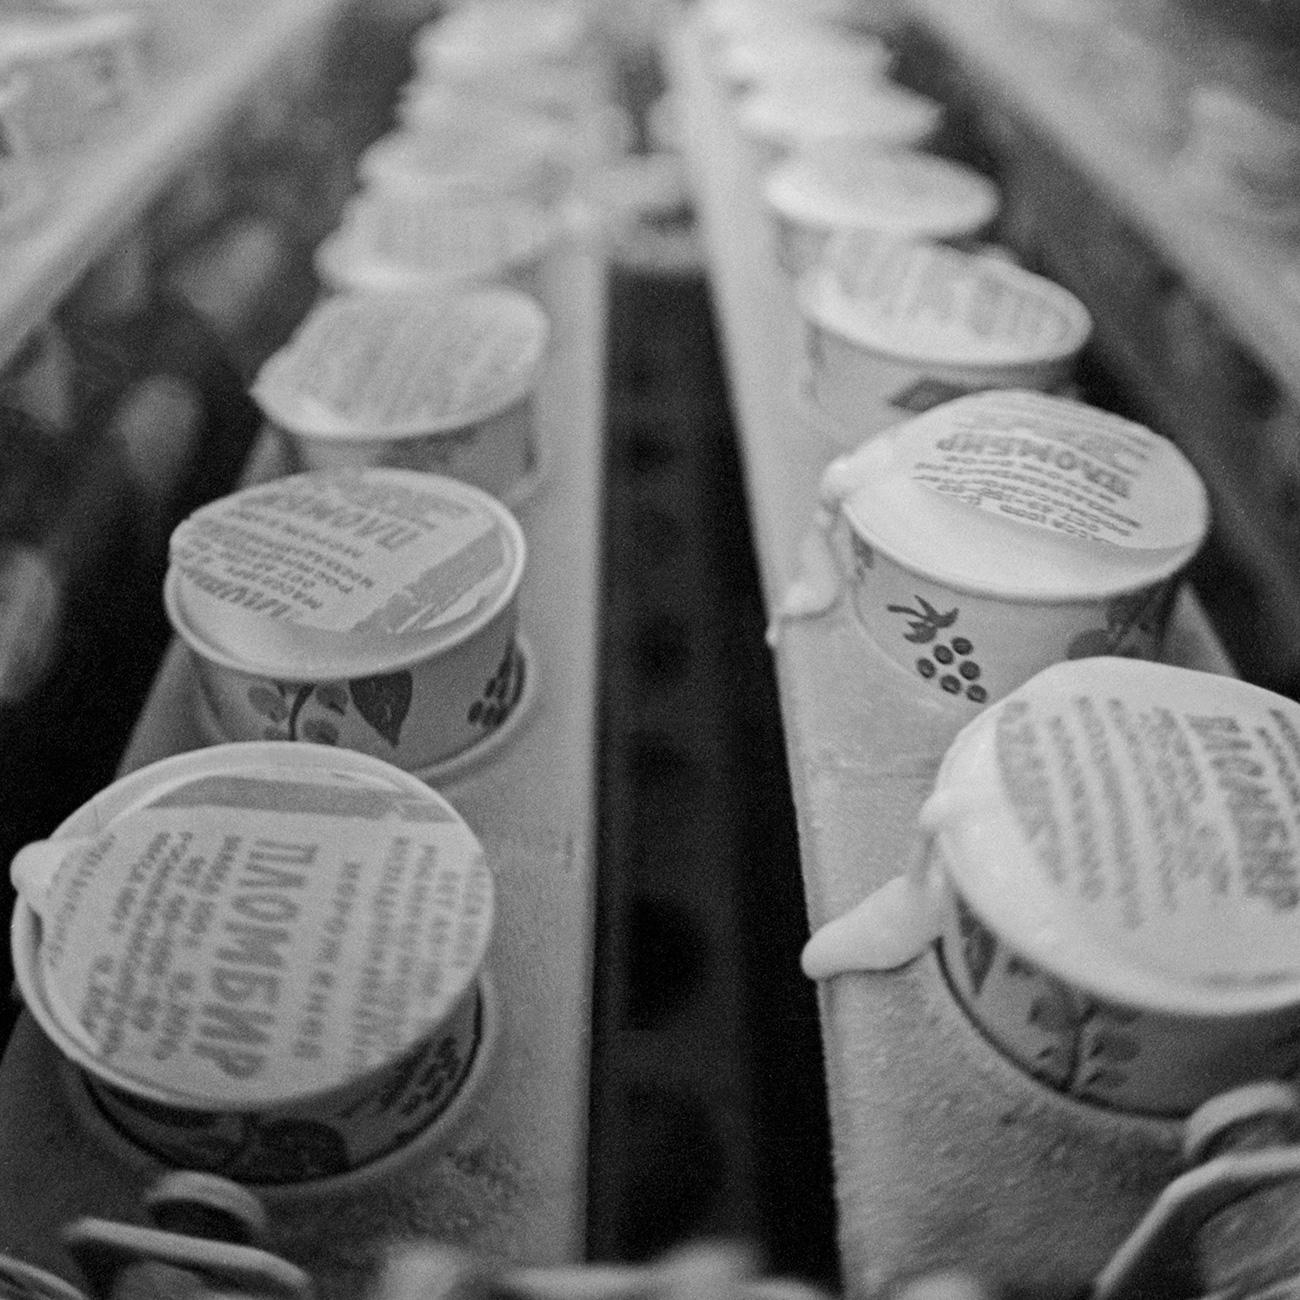 """Durante gli anni Cinquanta, vennero introdotti disegni di animali che amano il ghiaccio per pubblicizzare il gelato sovietico: un pinguino che regge un piatto, una foca con un alto bicchiere di gelato sul naso e degli orsi polari su un iceberg // Il mitico gelato al fior di latte """"Plombir"""" esce dalle linee di produzione della fabbrica di Podolsk, 1990"""